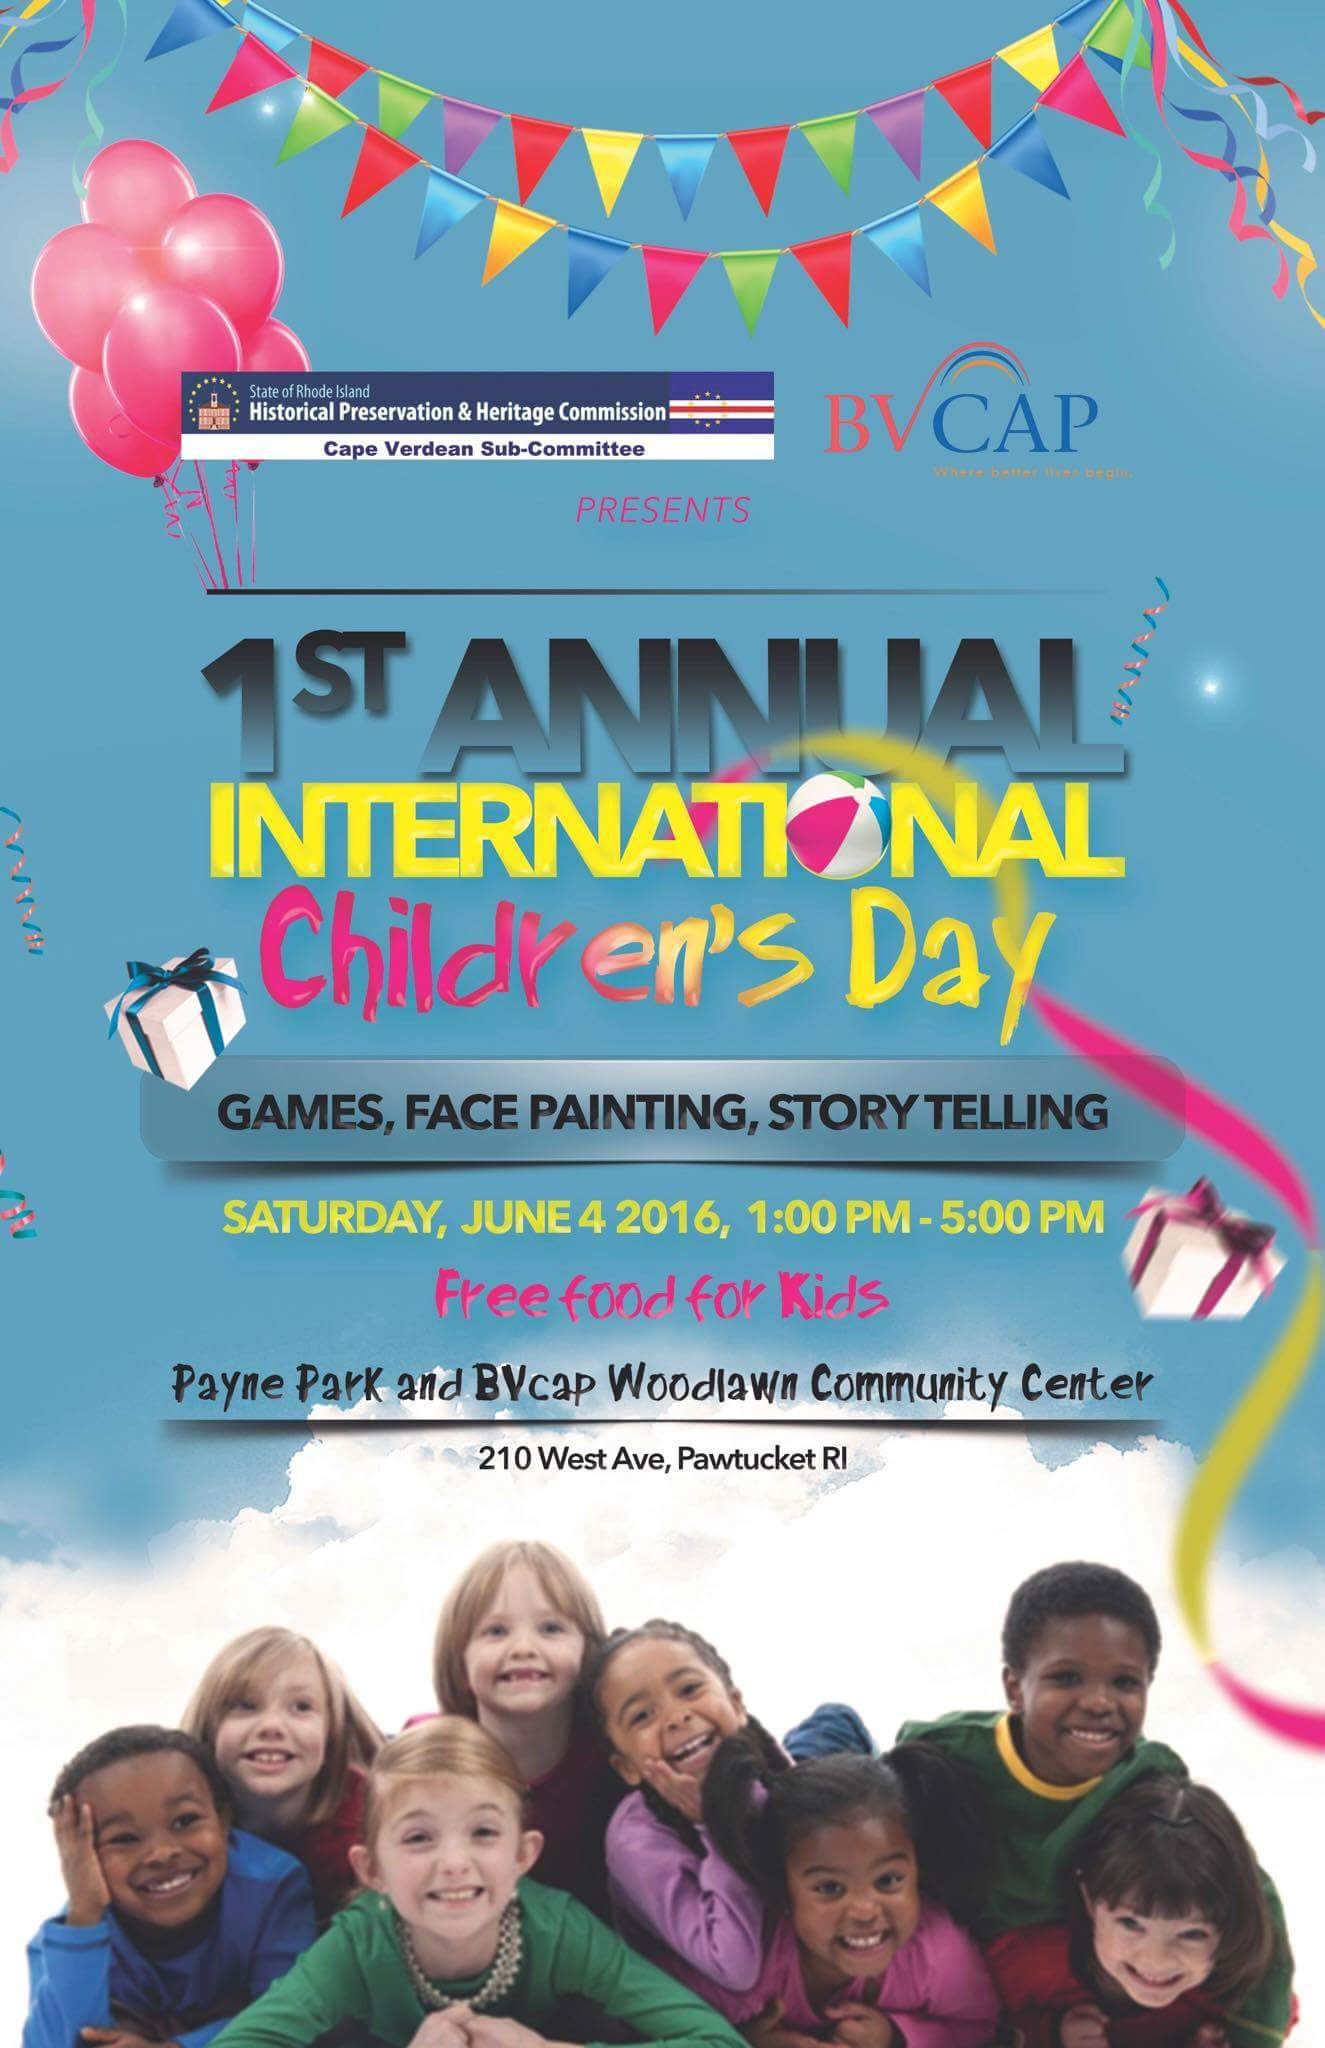 International Children's Day